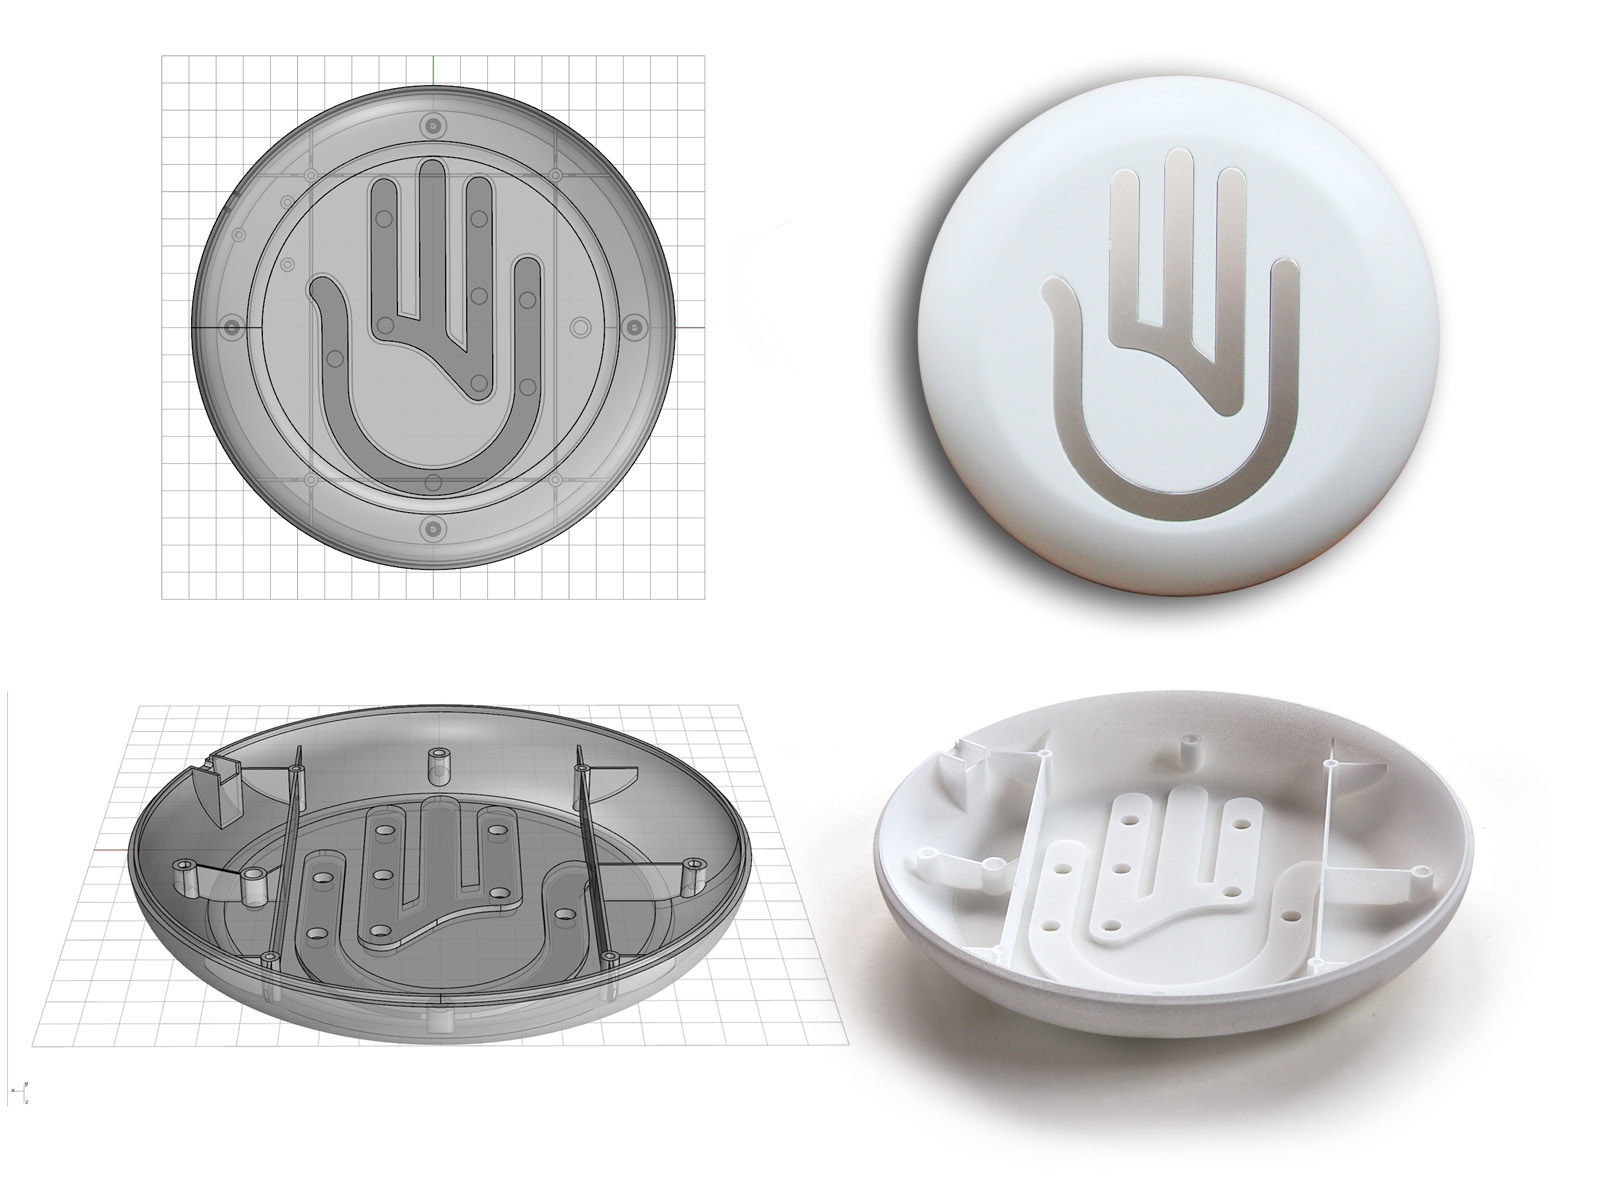 Ein per 3D-Druck hergestelltes Gehäusemodell. Auf der linken Seite sind die erstellten 3D-Daten zu sehen, rechts oben das fertiggestellte Modell inklusive Lackierung.